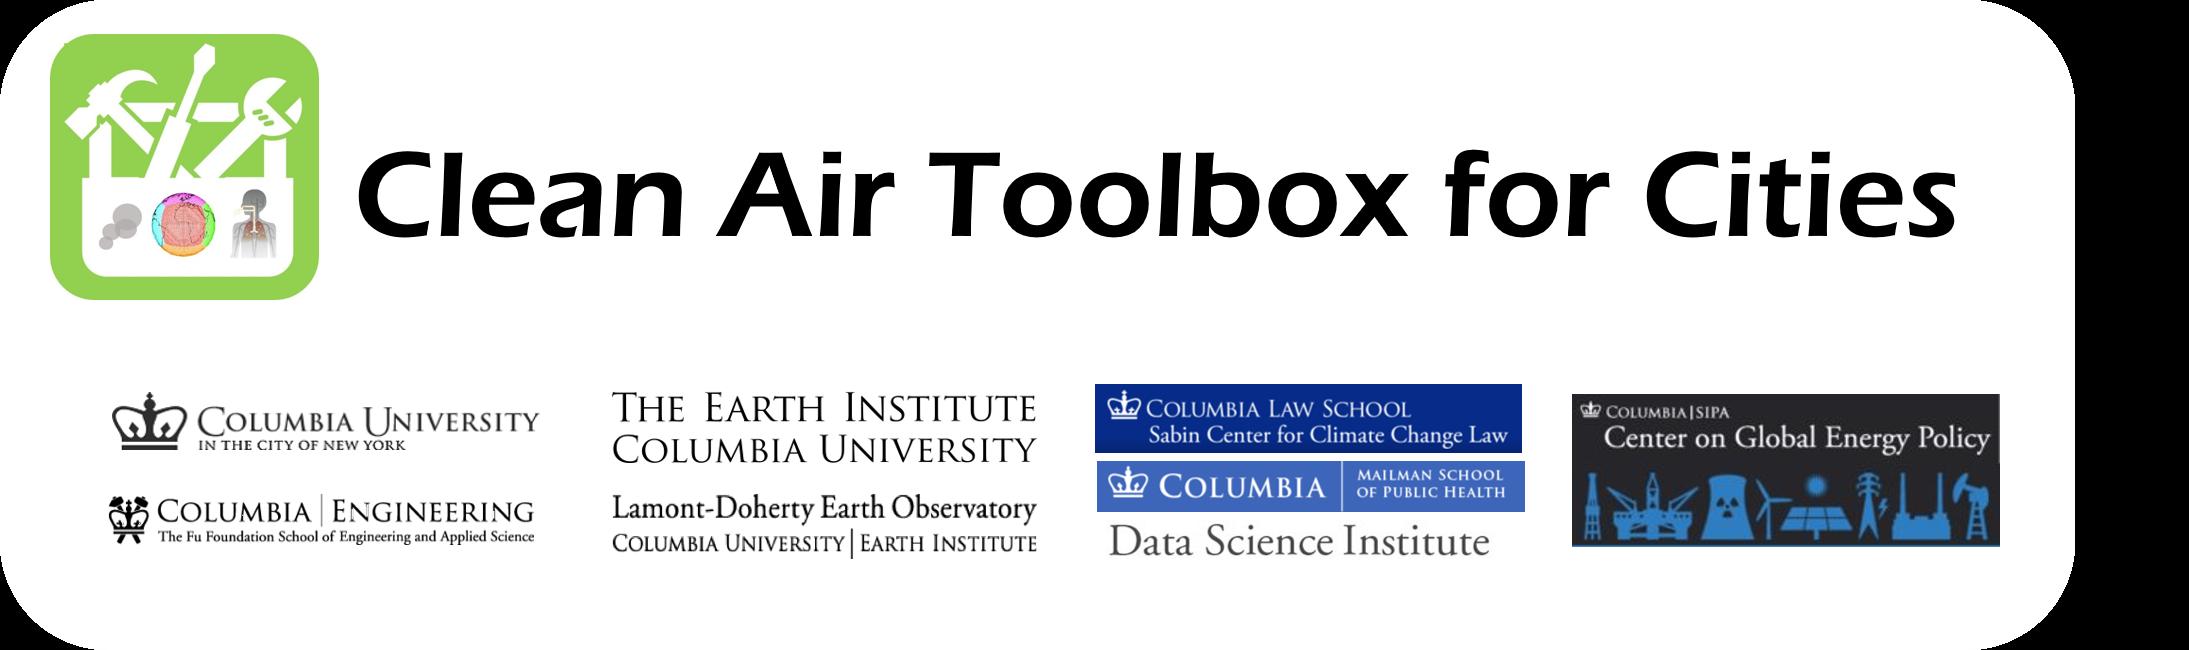 Clean Air Toolbox